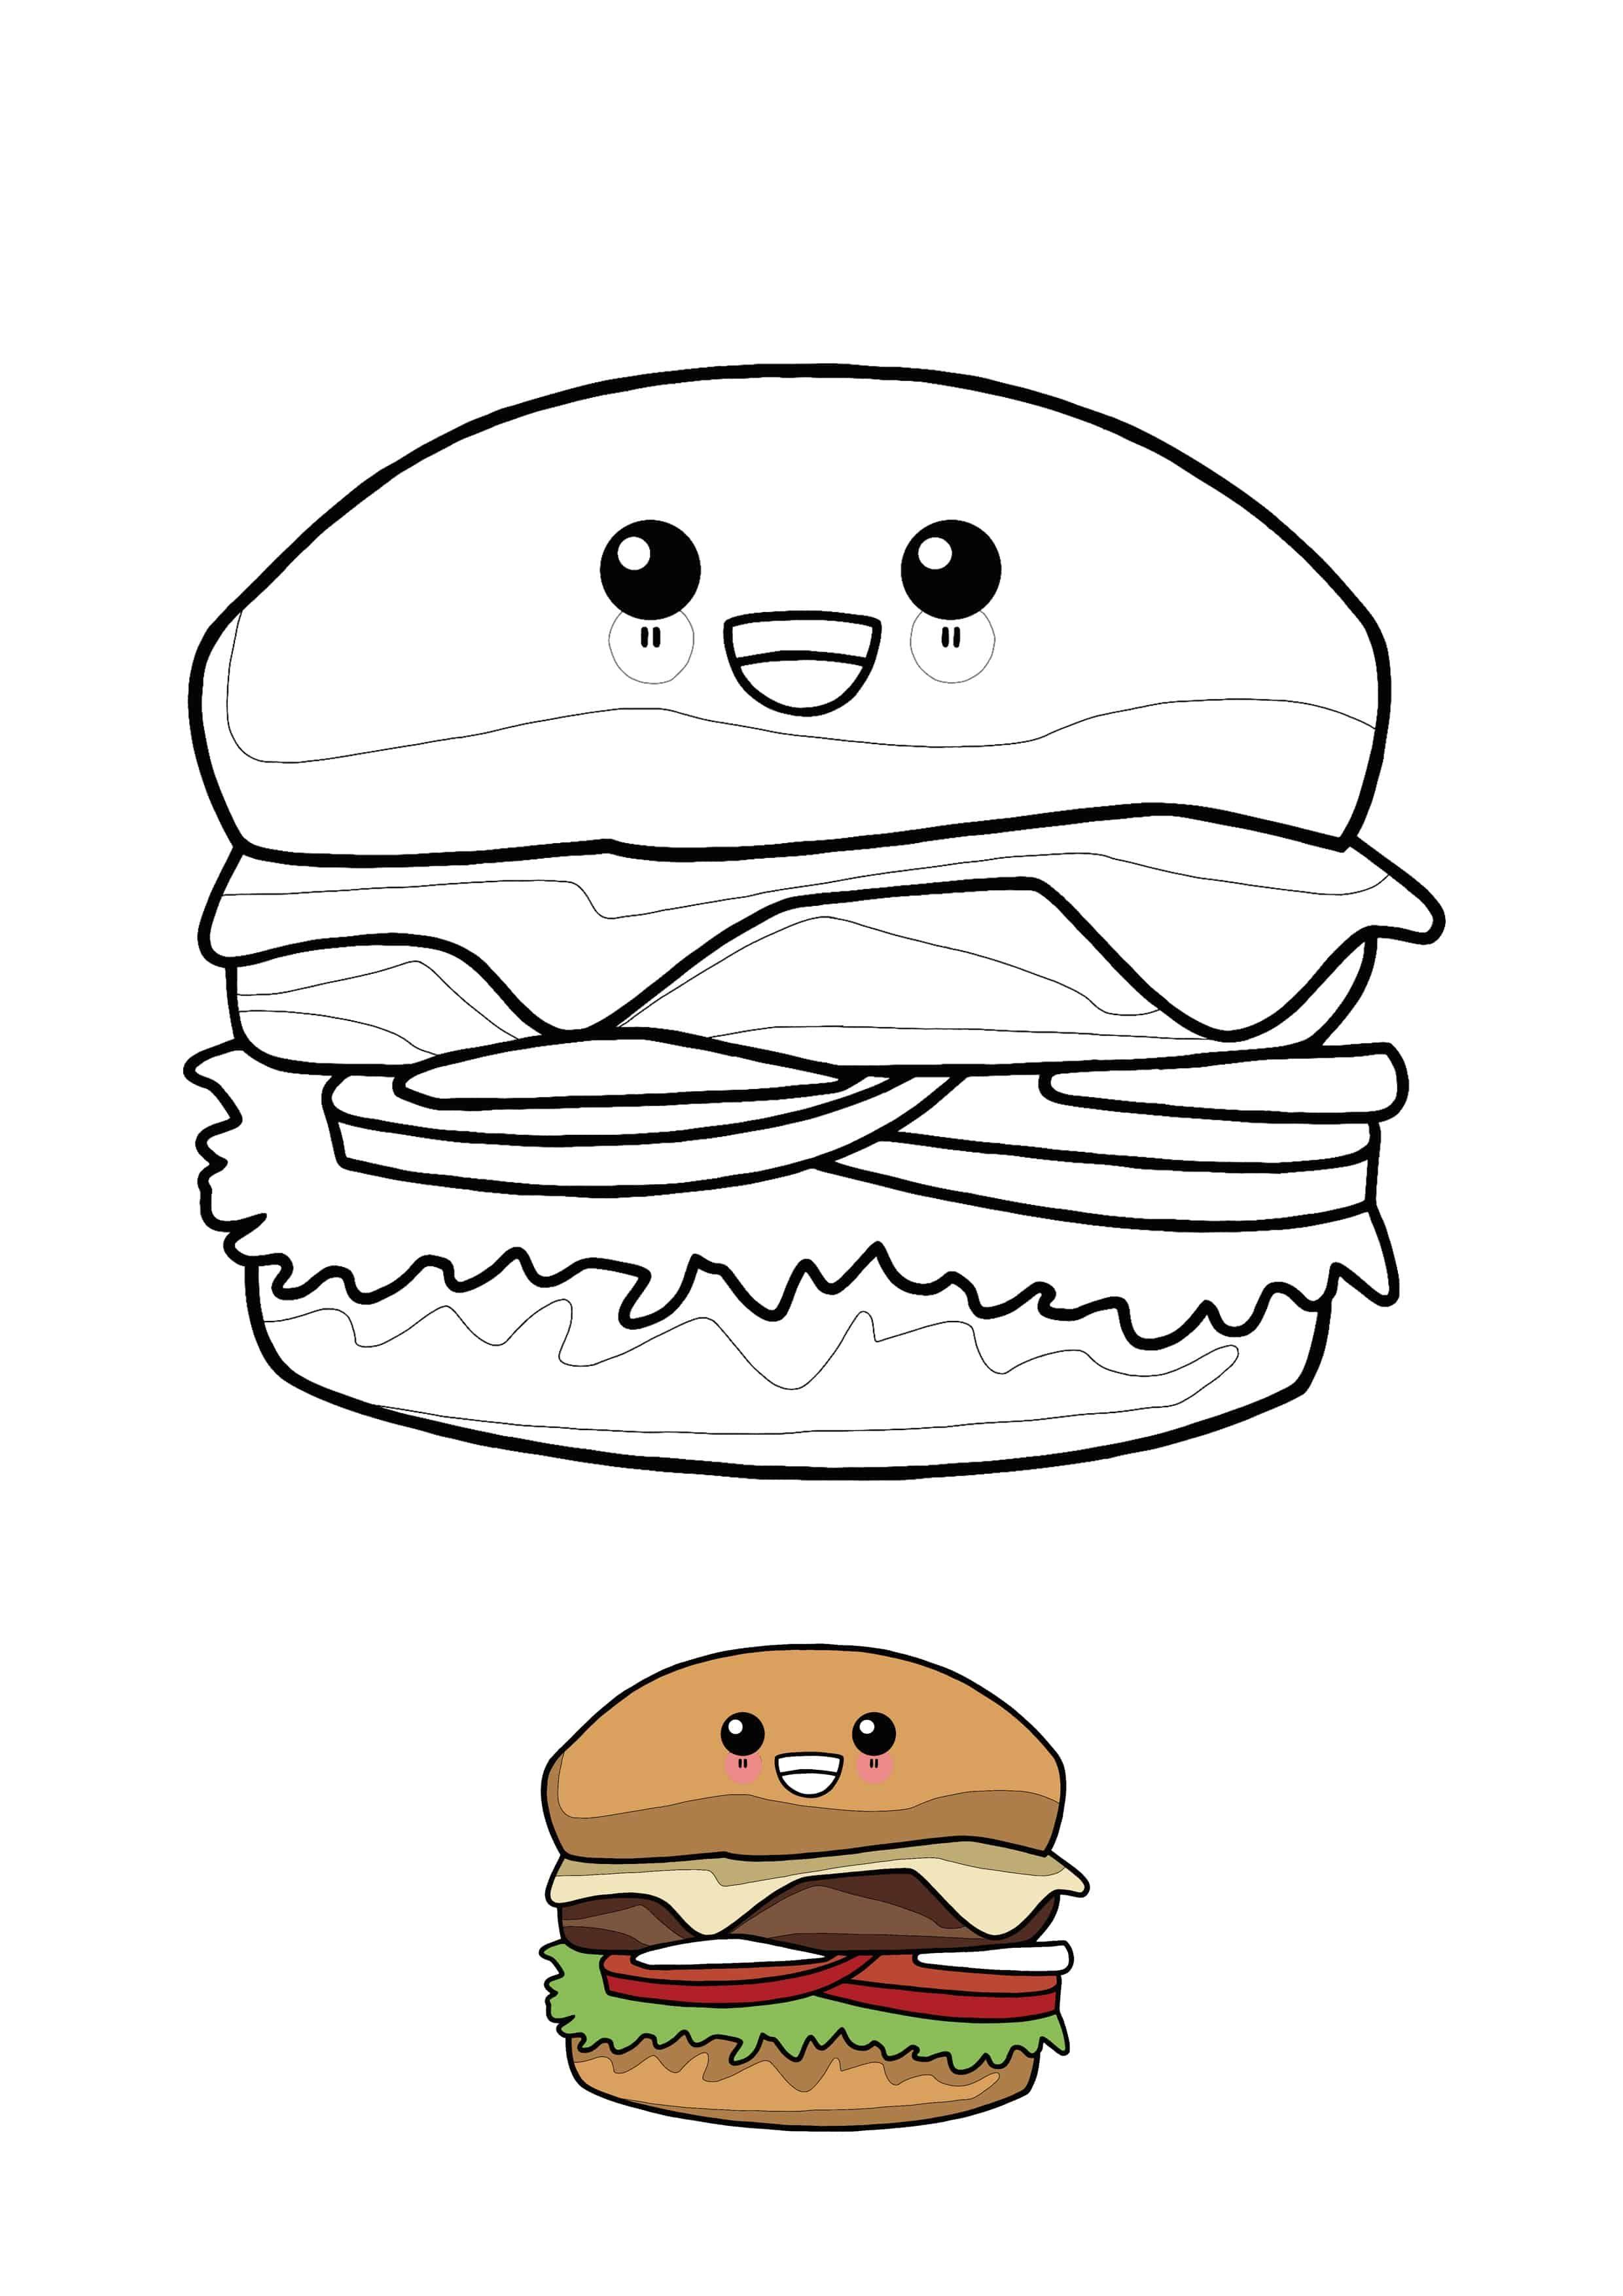 Kawaii Hamburger Coloring Page With Sample Coloring Pages Kawaii Free Printable Coloring